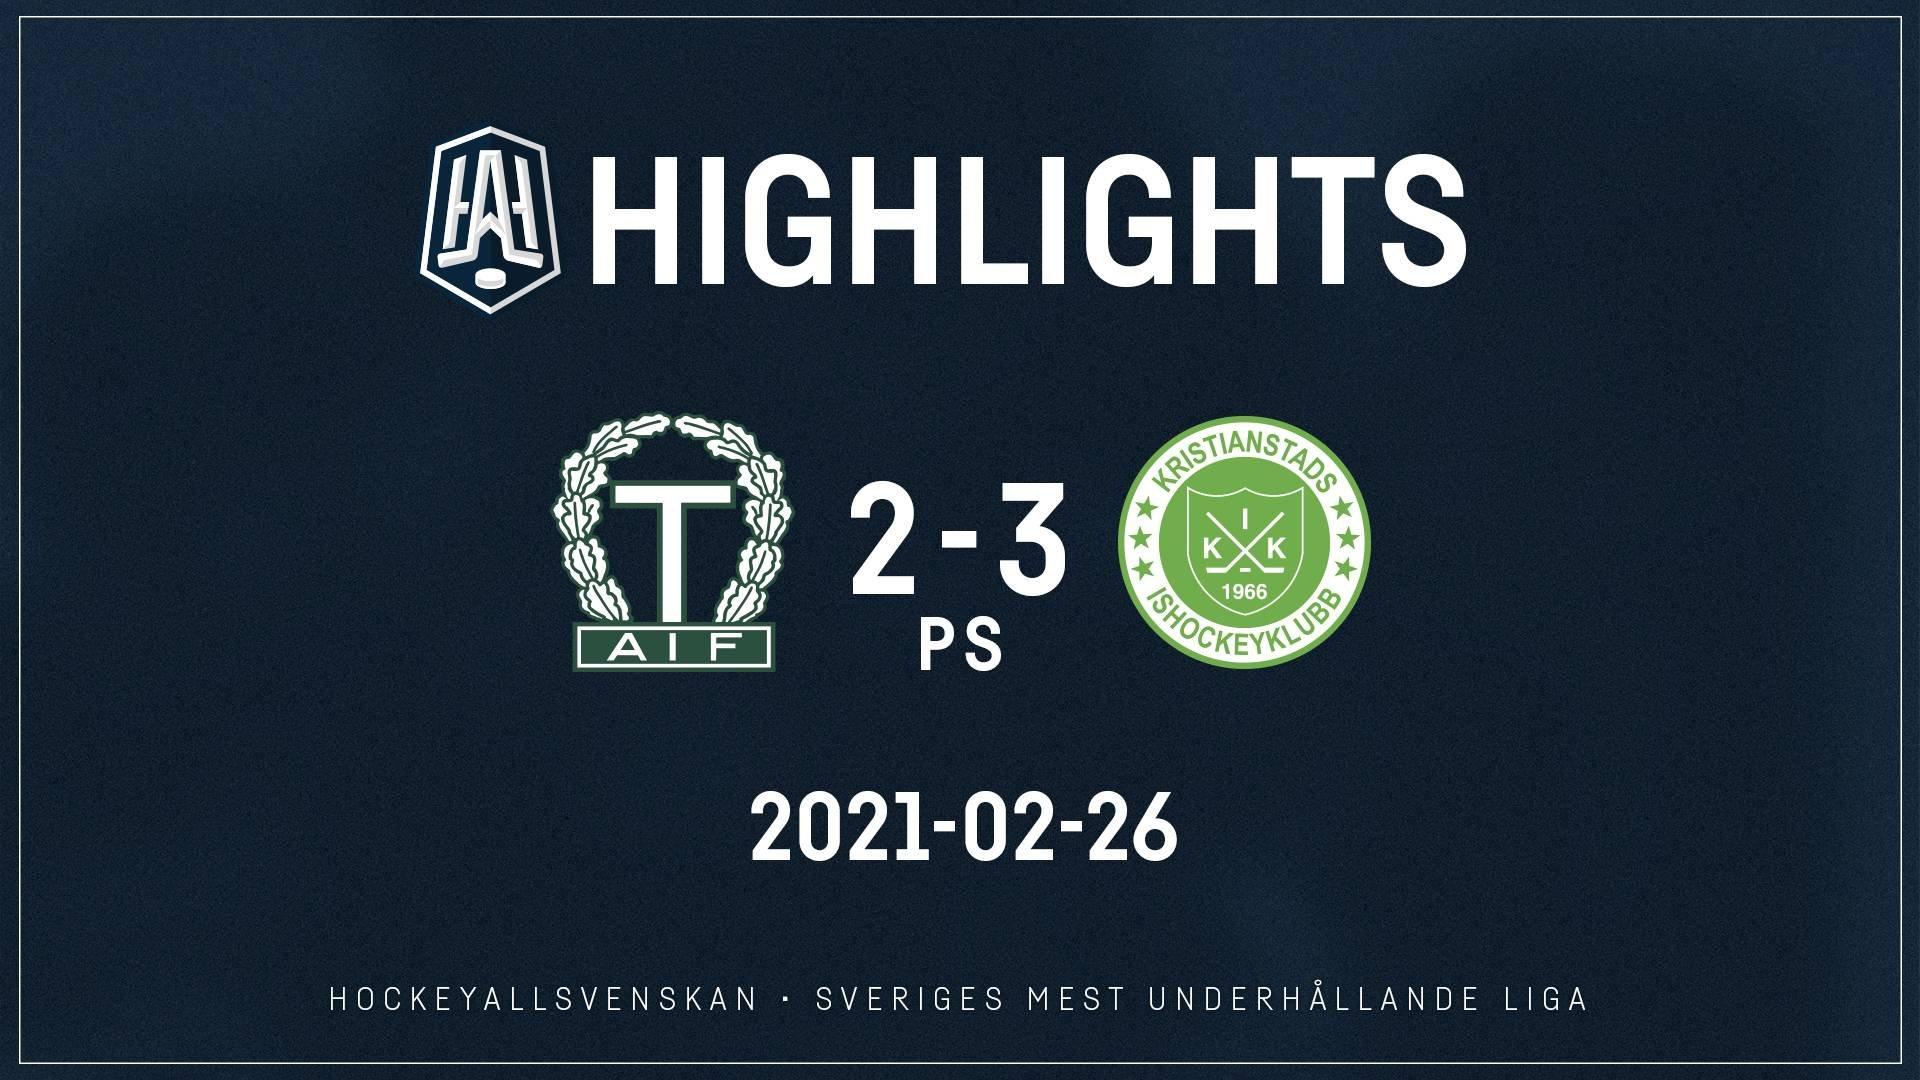 2021-02-26 Tingsryd - Kristianstad 2-3 (PS)